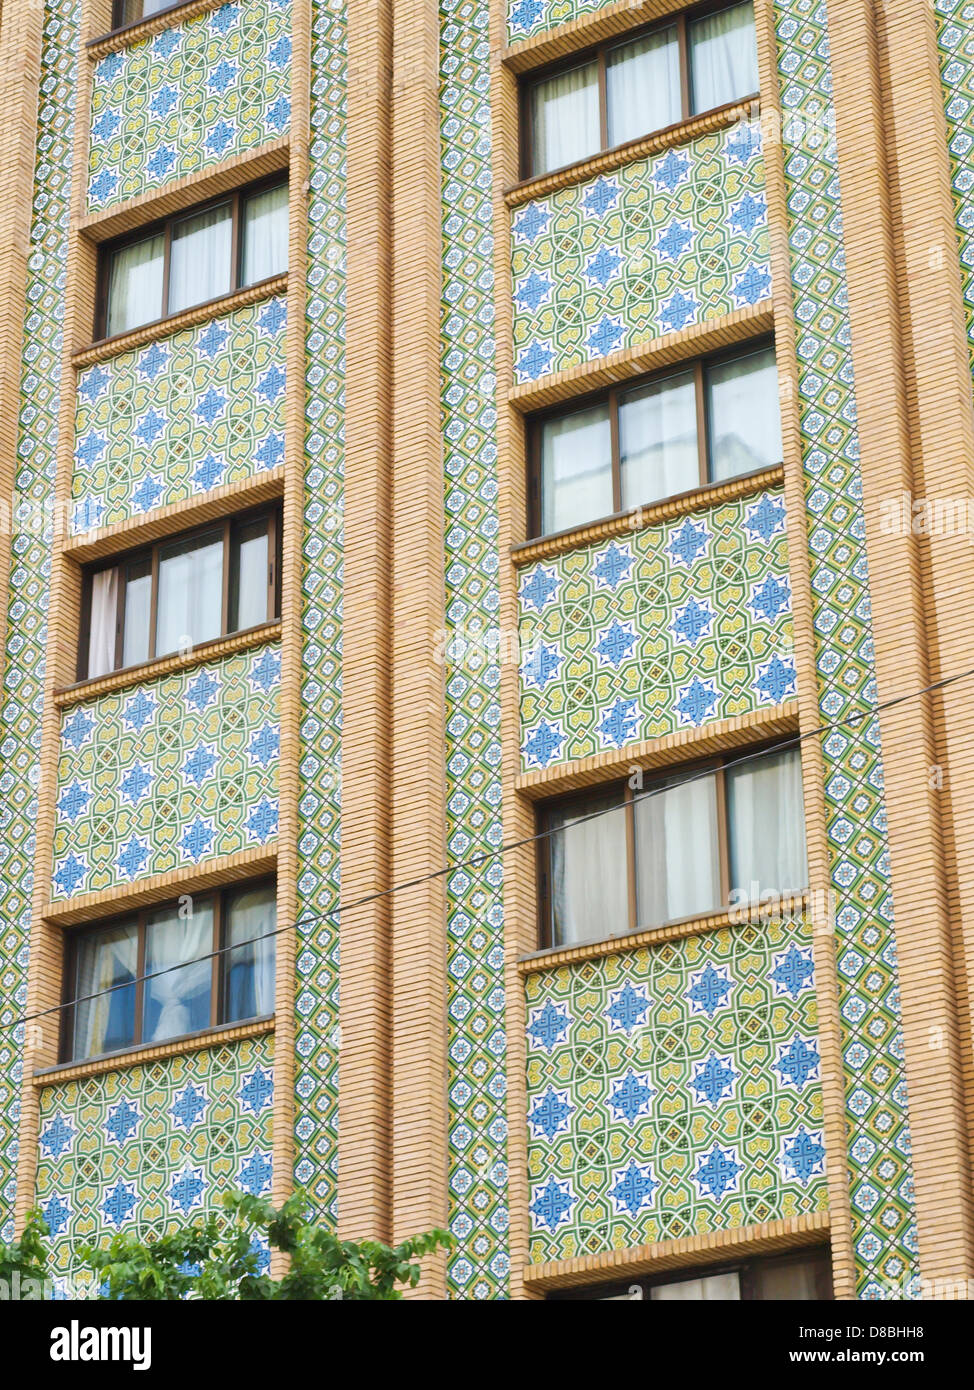 Mosaik Fliesen Dekoration Auf Den Aufbau Der Fassade In Teheran, Iran